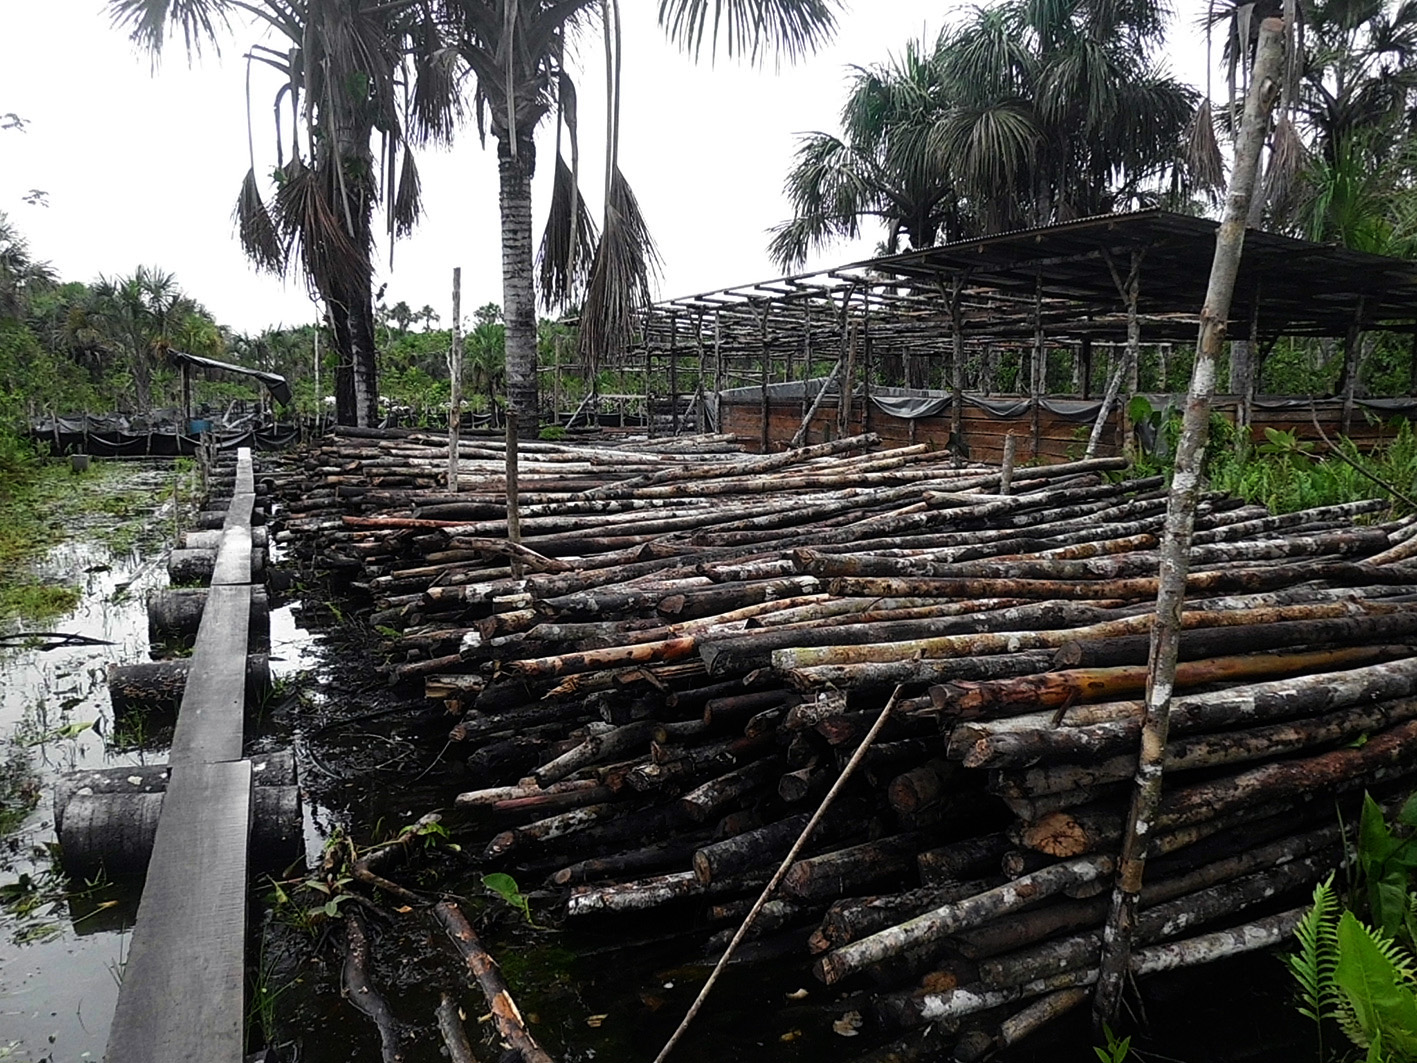 Área de campamento e instalaciones  de trabajo. Derrame en zona del oleoducto, 4 de diciembre de 2013. Foto proporcionada por Acodecospat.